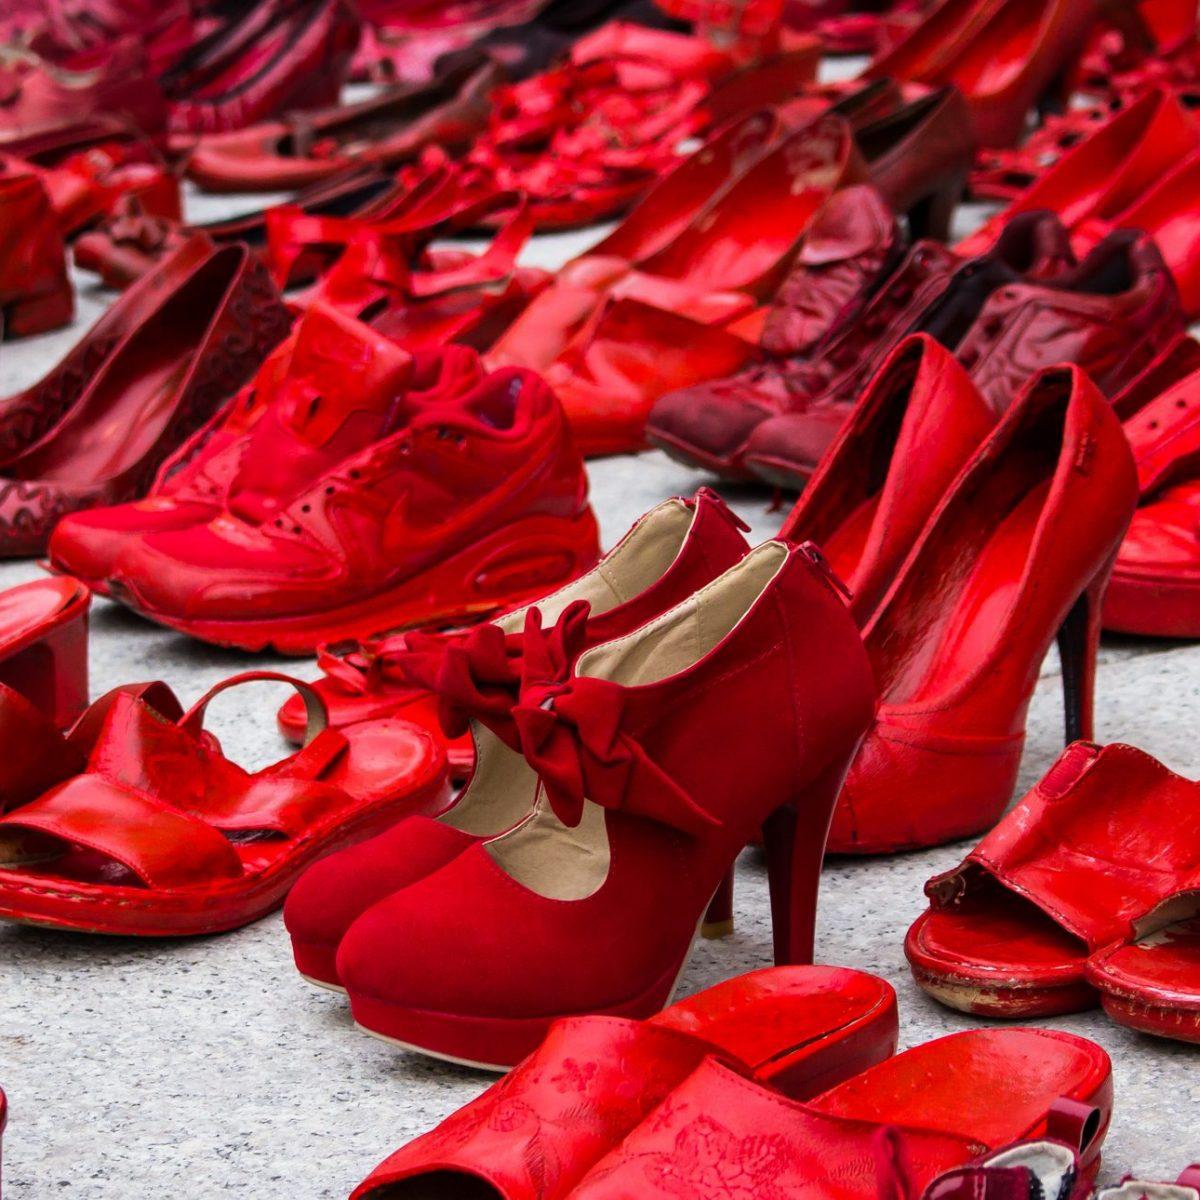 simboli contro la violenza sulle donne non solo le scarpe anche le panchine si tingono di rosso ohga simboli contro la violenza sulle donne